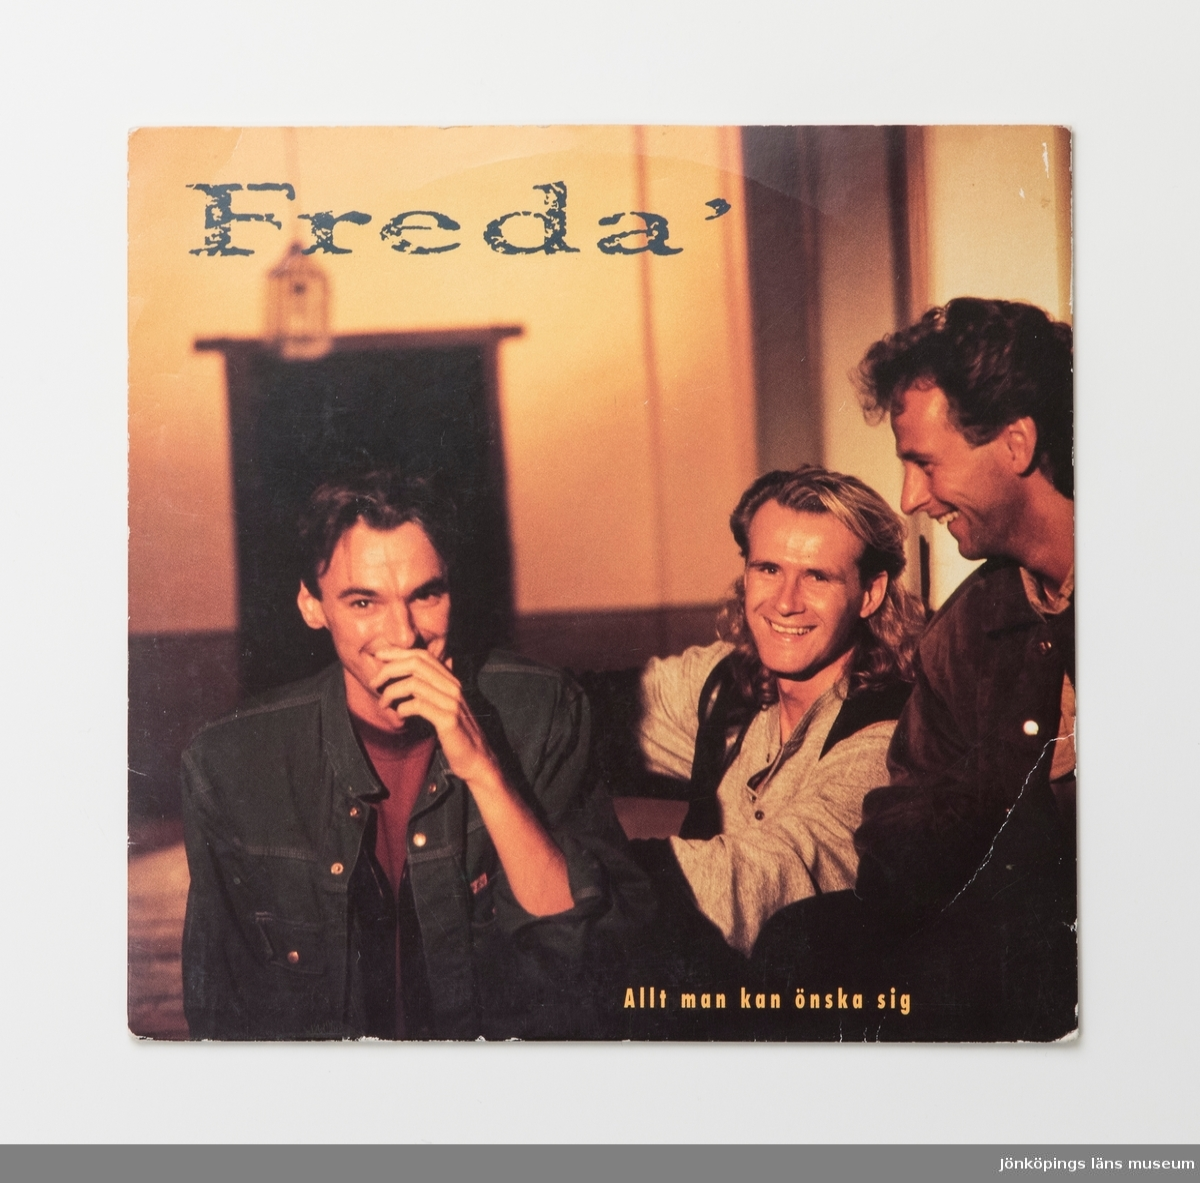 Singel-skiva av svart vinyl med vit pappersetikett, i omslag av papper. Framsidan av omslaget har ett färgfotografi av gruppen.  Innehåll Sida A: Allt man kan önska sig Sida B: Öppen för dig  JM 55208:1, Skiva JM 55208:2, Omslag